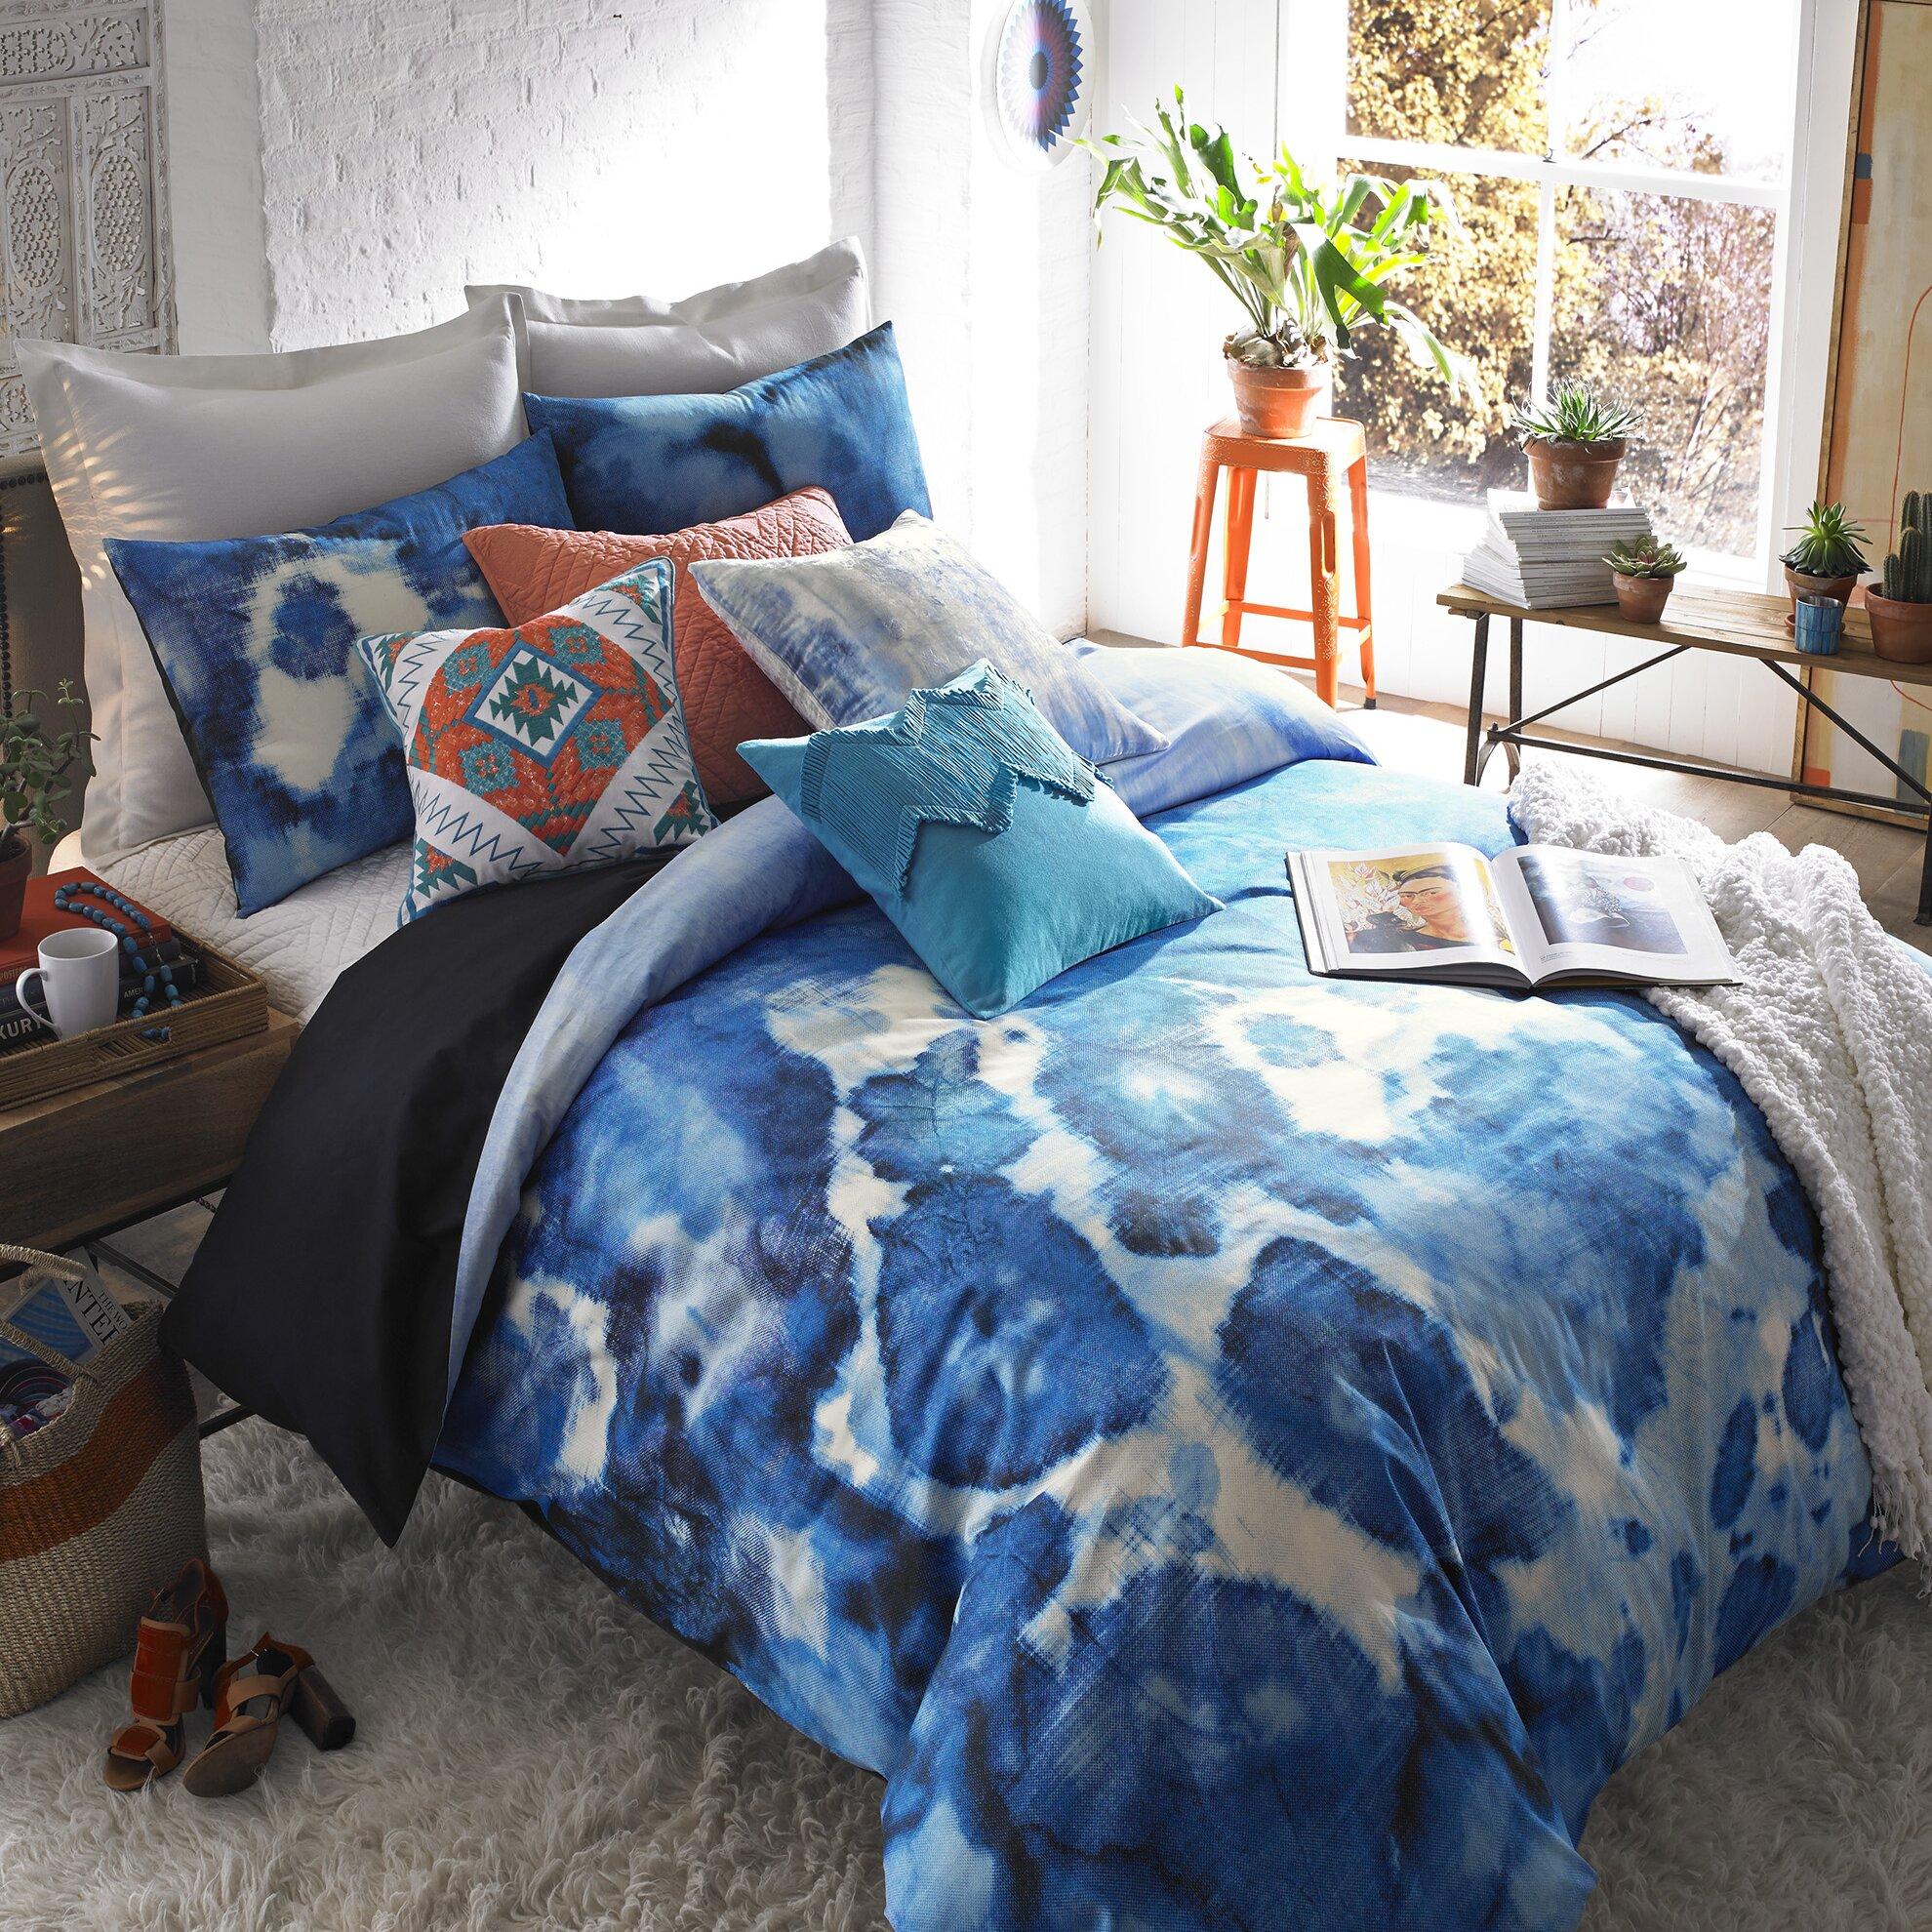 Blissliving home mexico city casa azul 3 piece duvet cover for Living room quilt cover